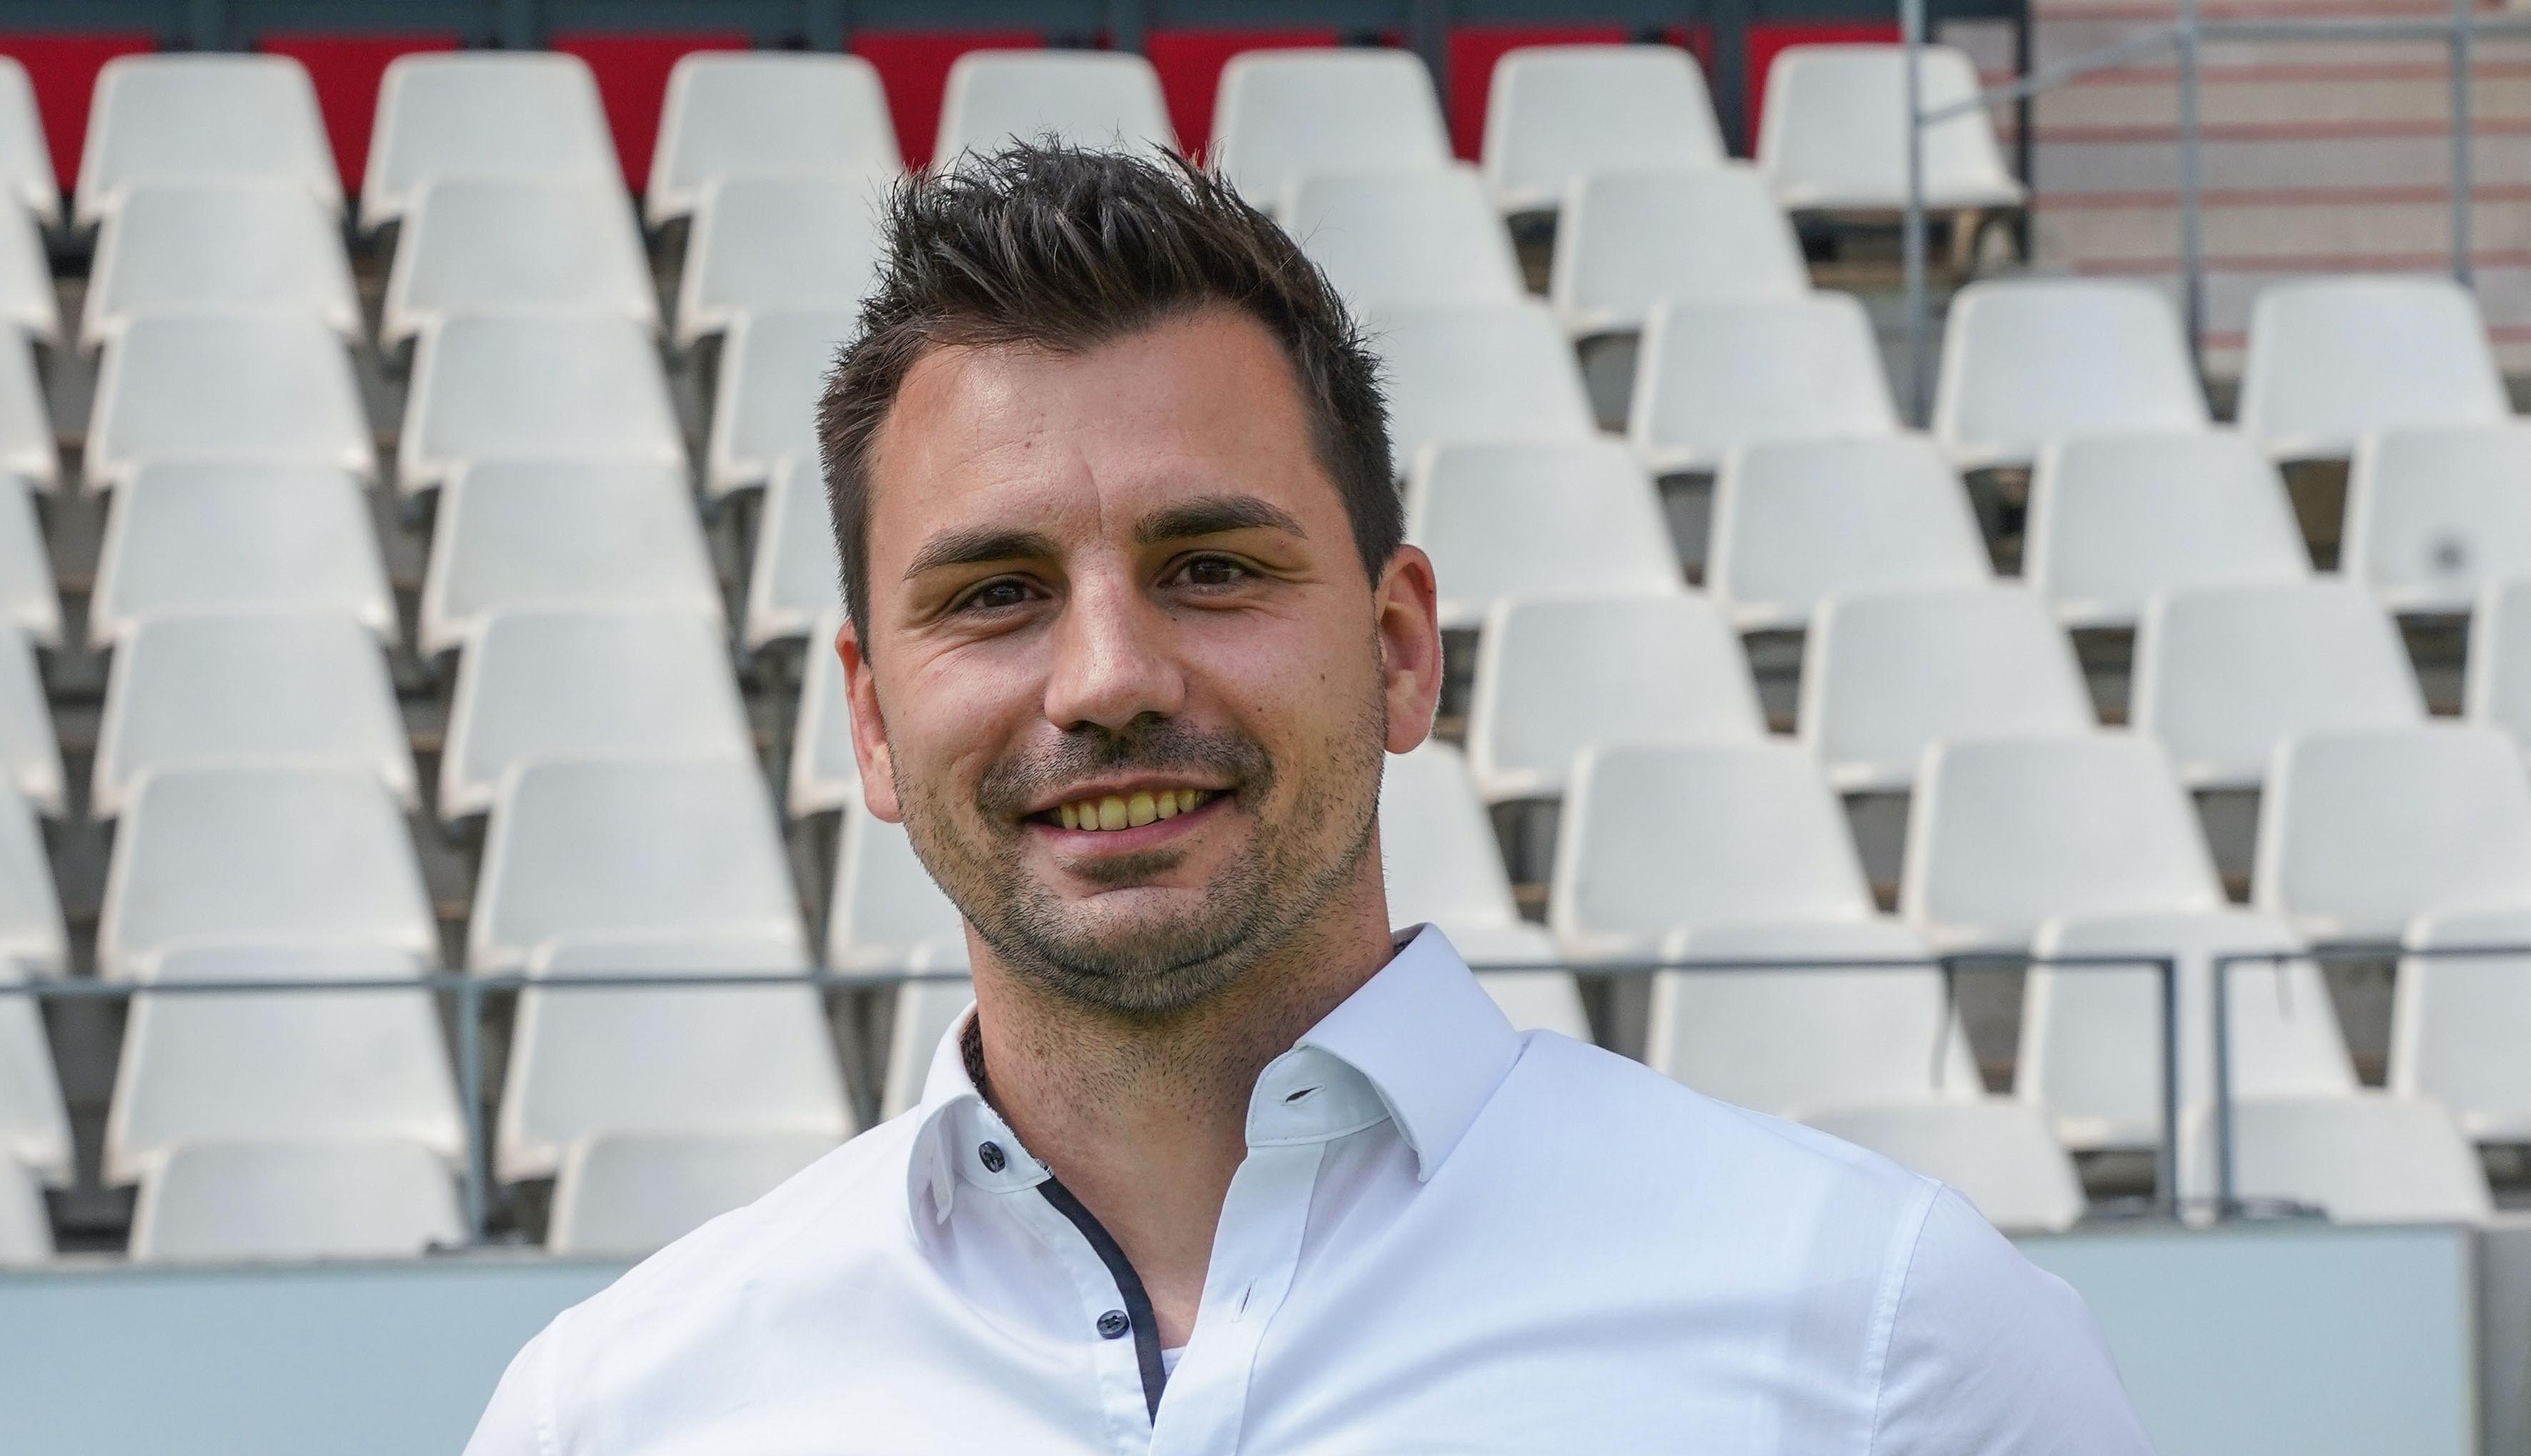 Jörn Nowak leitet zukünftig die sportlichen Geschicke von Rot-Weiss Essen. (Foto: Gohl)